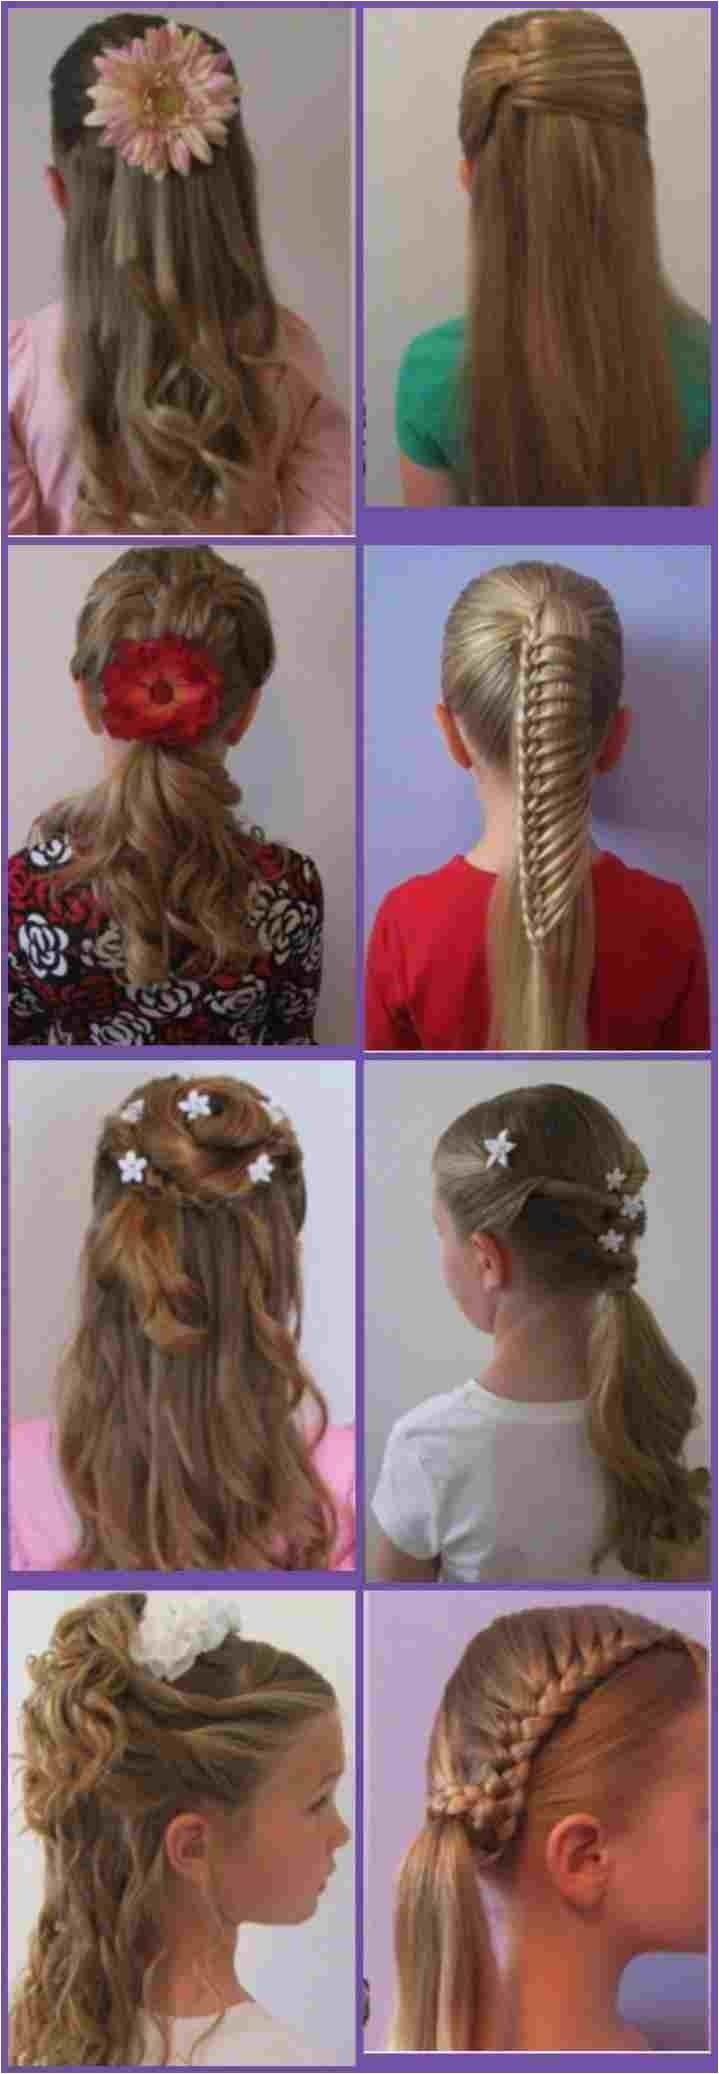 rhhollywoodhillsus step by teenage girls korhekorg the rhkorhekorg easy Easy Hairstyles For School For Teenage Girls